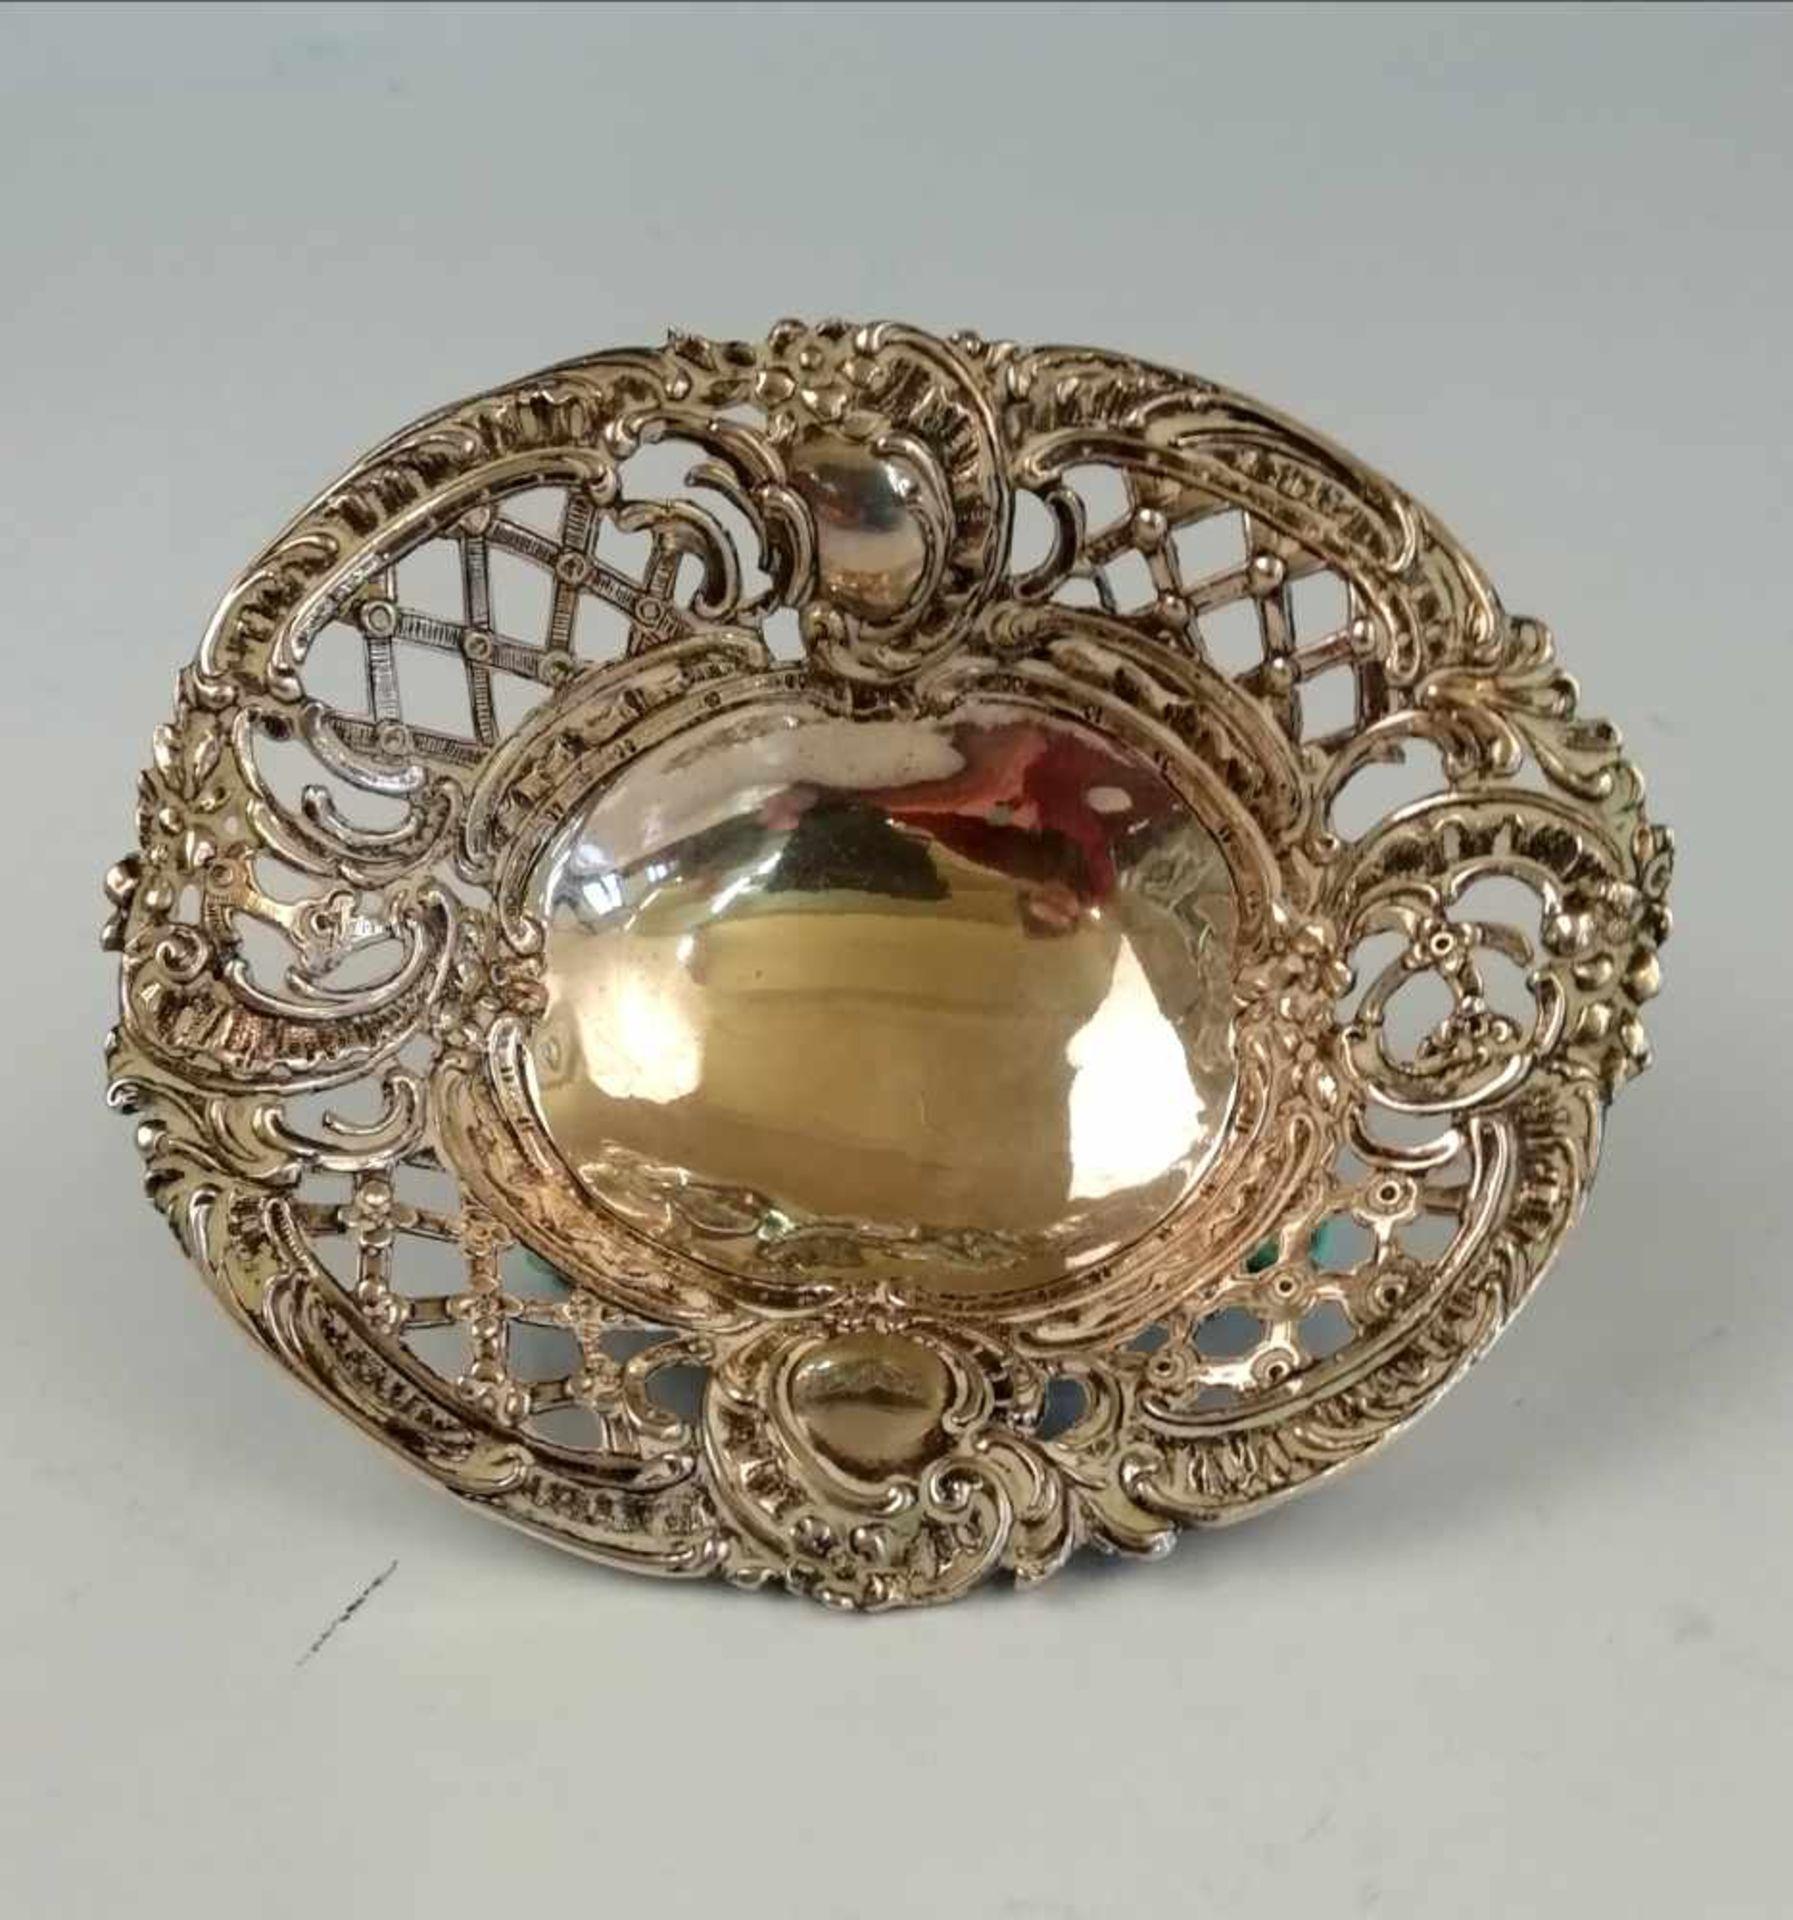 Los 39 - Ovale kleine SchüsselSilber 800, Arbeit um 1900, plastisch gearbeitet mit 2 Medaillons, durchbrochen